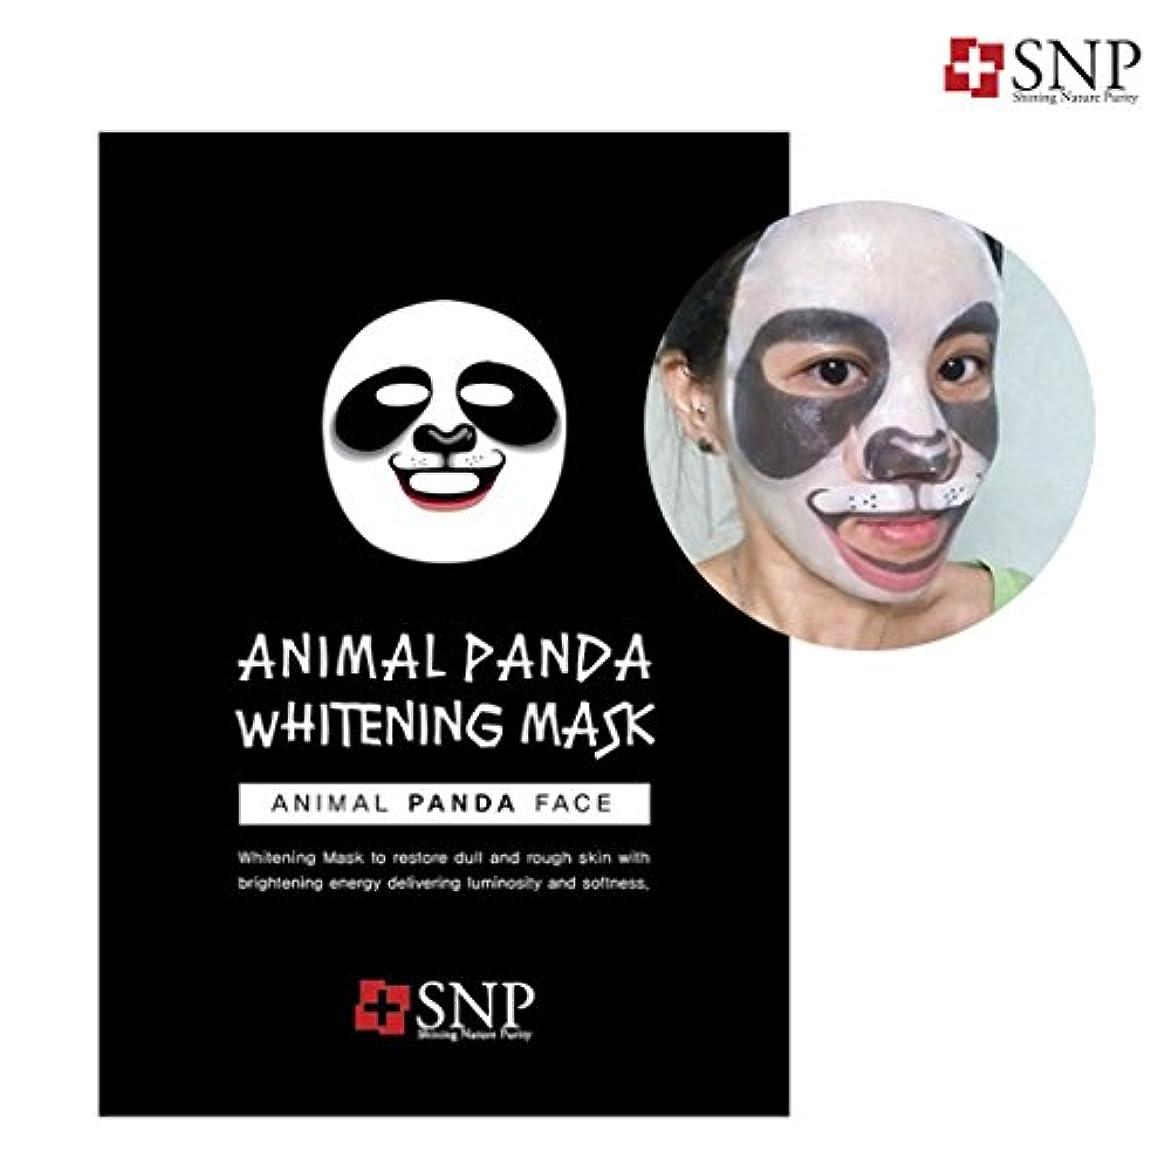 拾う十代の若者たち表面SNP アニマル パンダーホワイトニング マスク 10枚 / animal fanda whitening wrinkle mask 10ea[海外直送品]